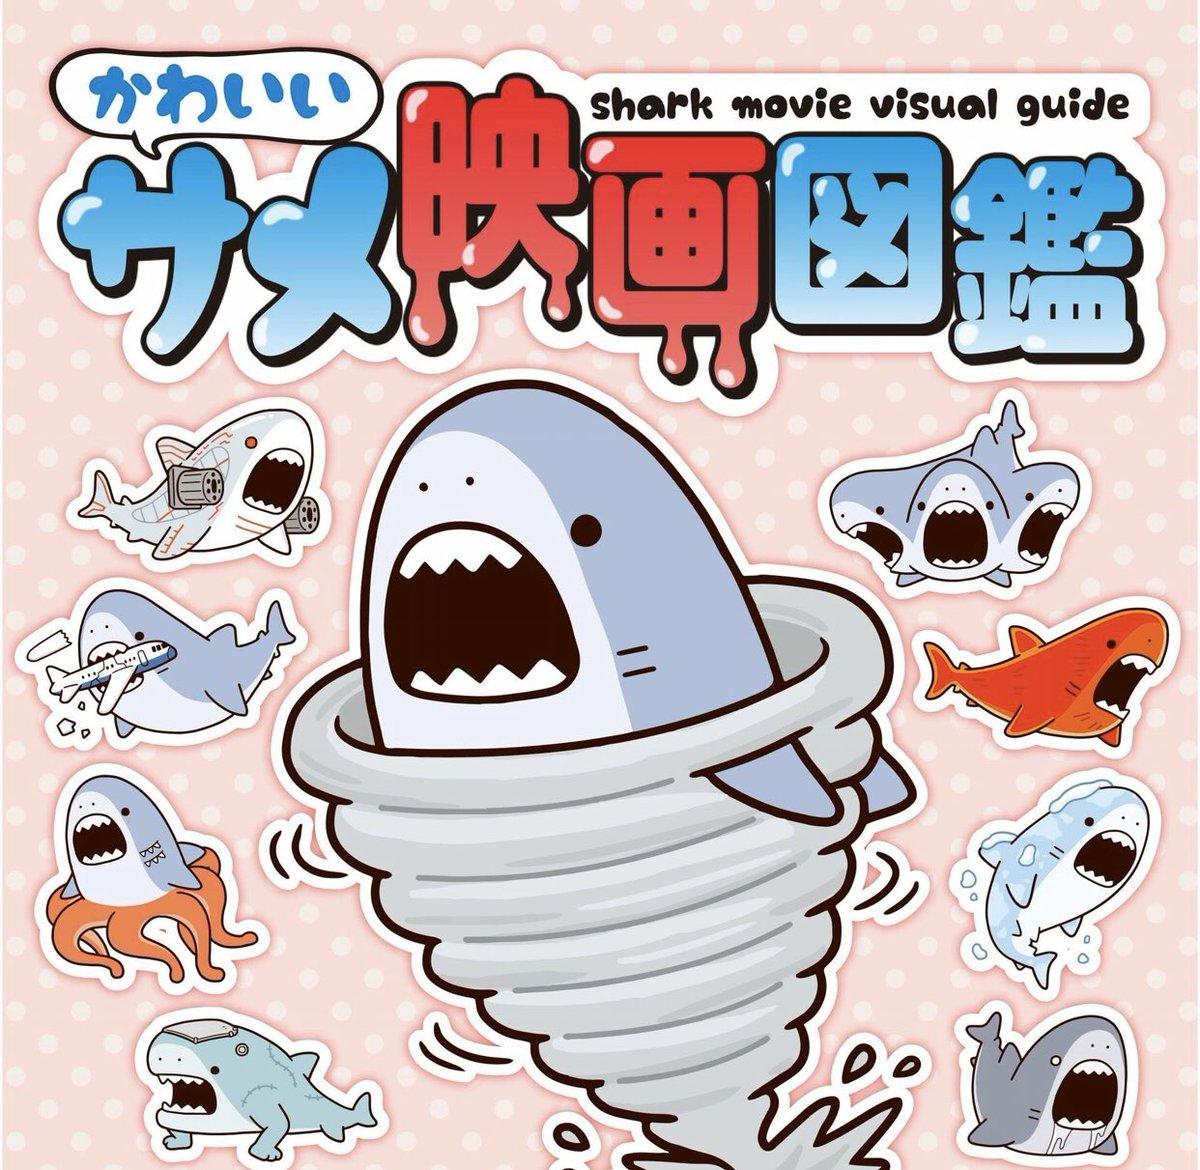 『かわいいサメ映画図鑑』はサメ映画の冥府を彷徨うにはうってつけのガイドブックなんだけど、特に「サメ映画を楽しむ5ヶ条」はホントに大事だからみんな買おうね